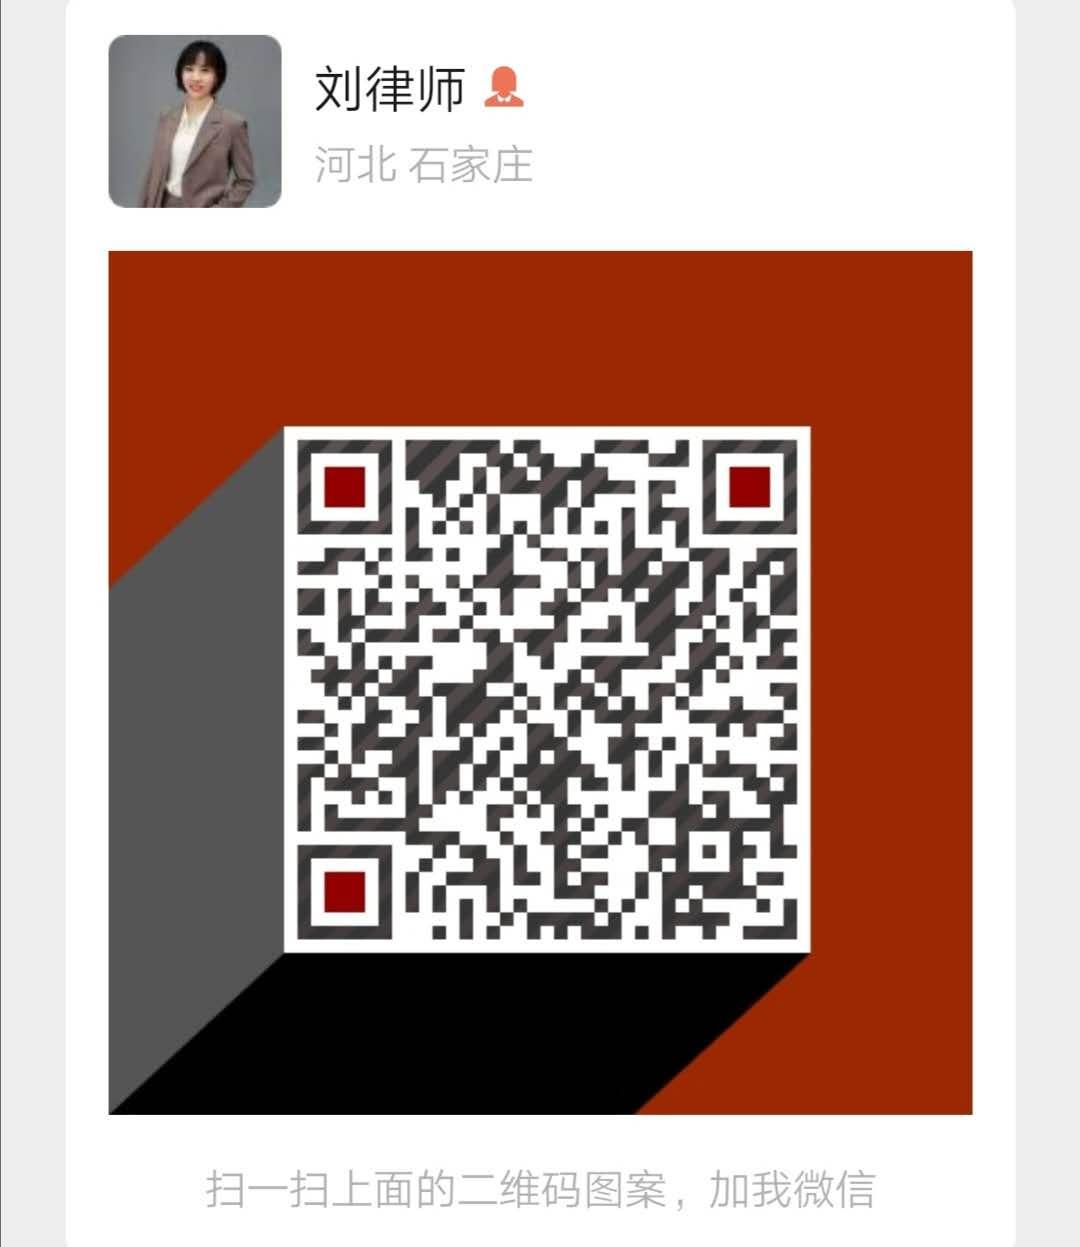 刘琳琳律师微信二维码